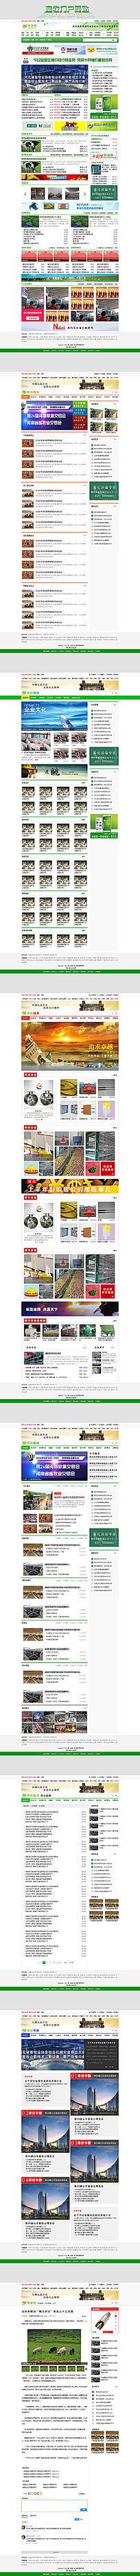 整套门户网站网页设计